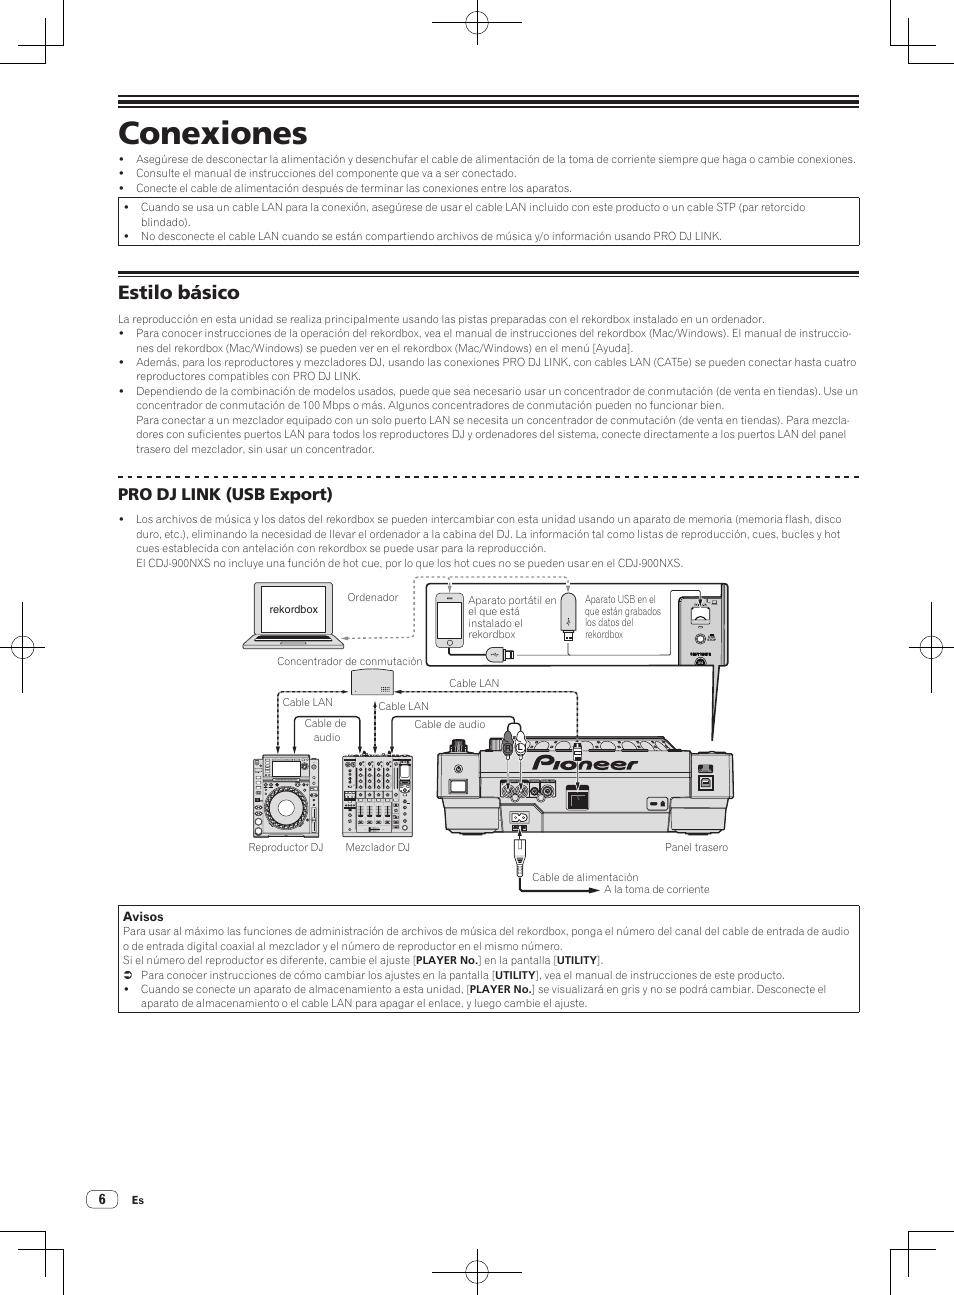 Conexiones, Estilo básico, Pro dj link (usb export) | Pioneer CDJ